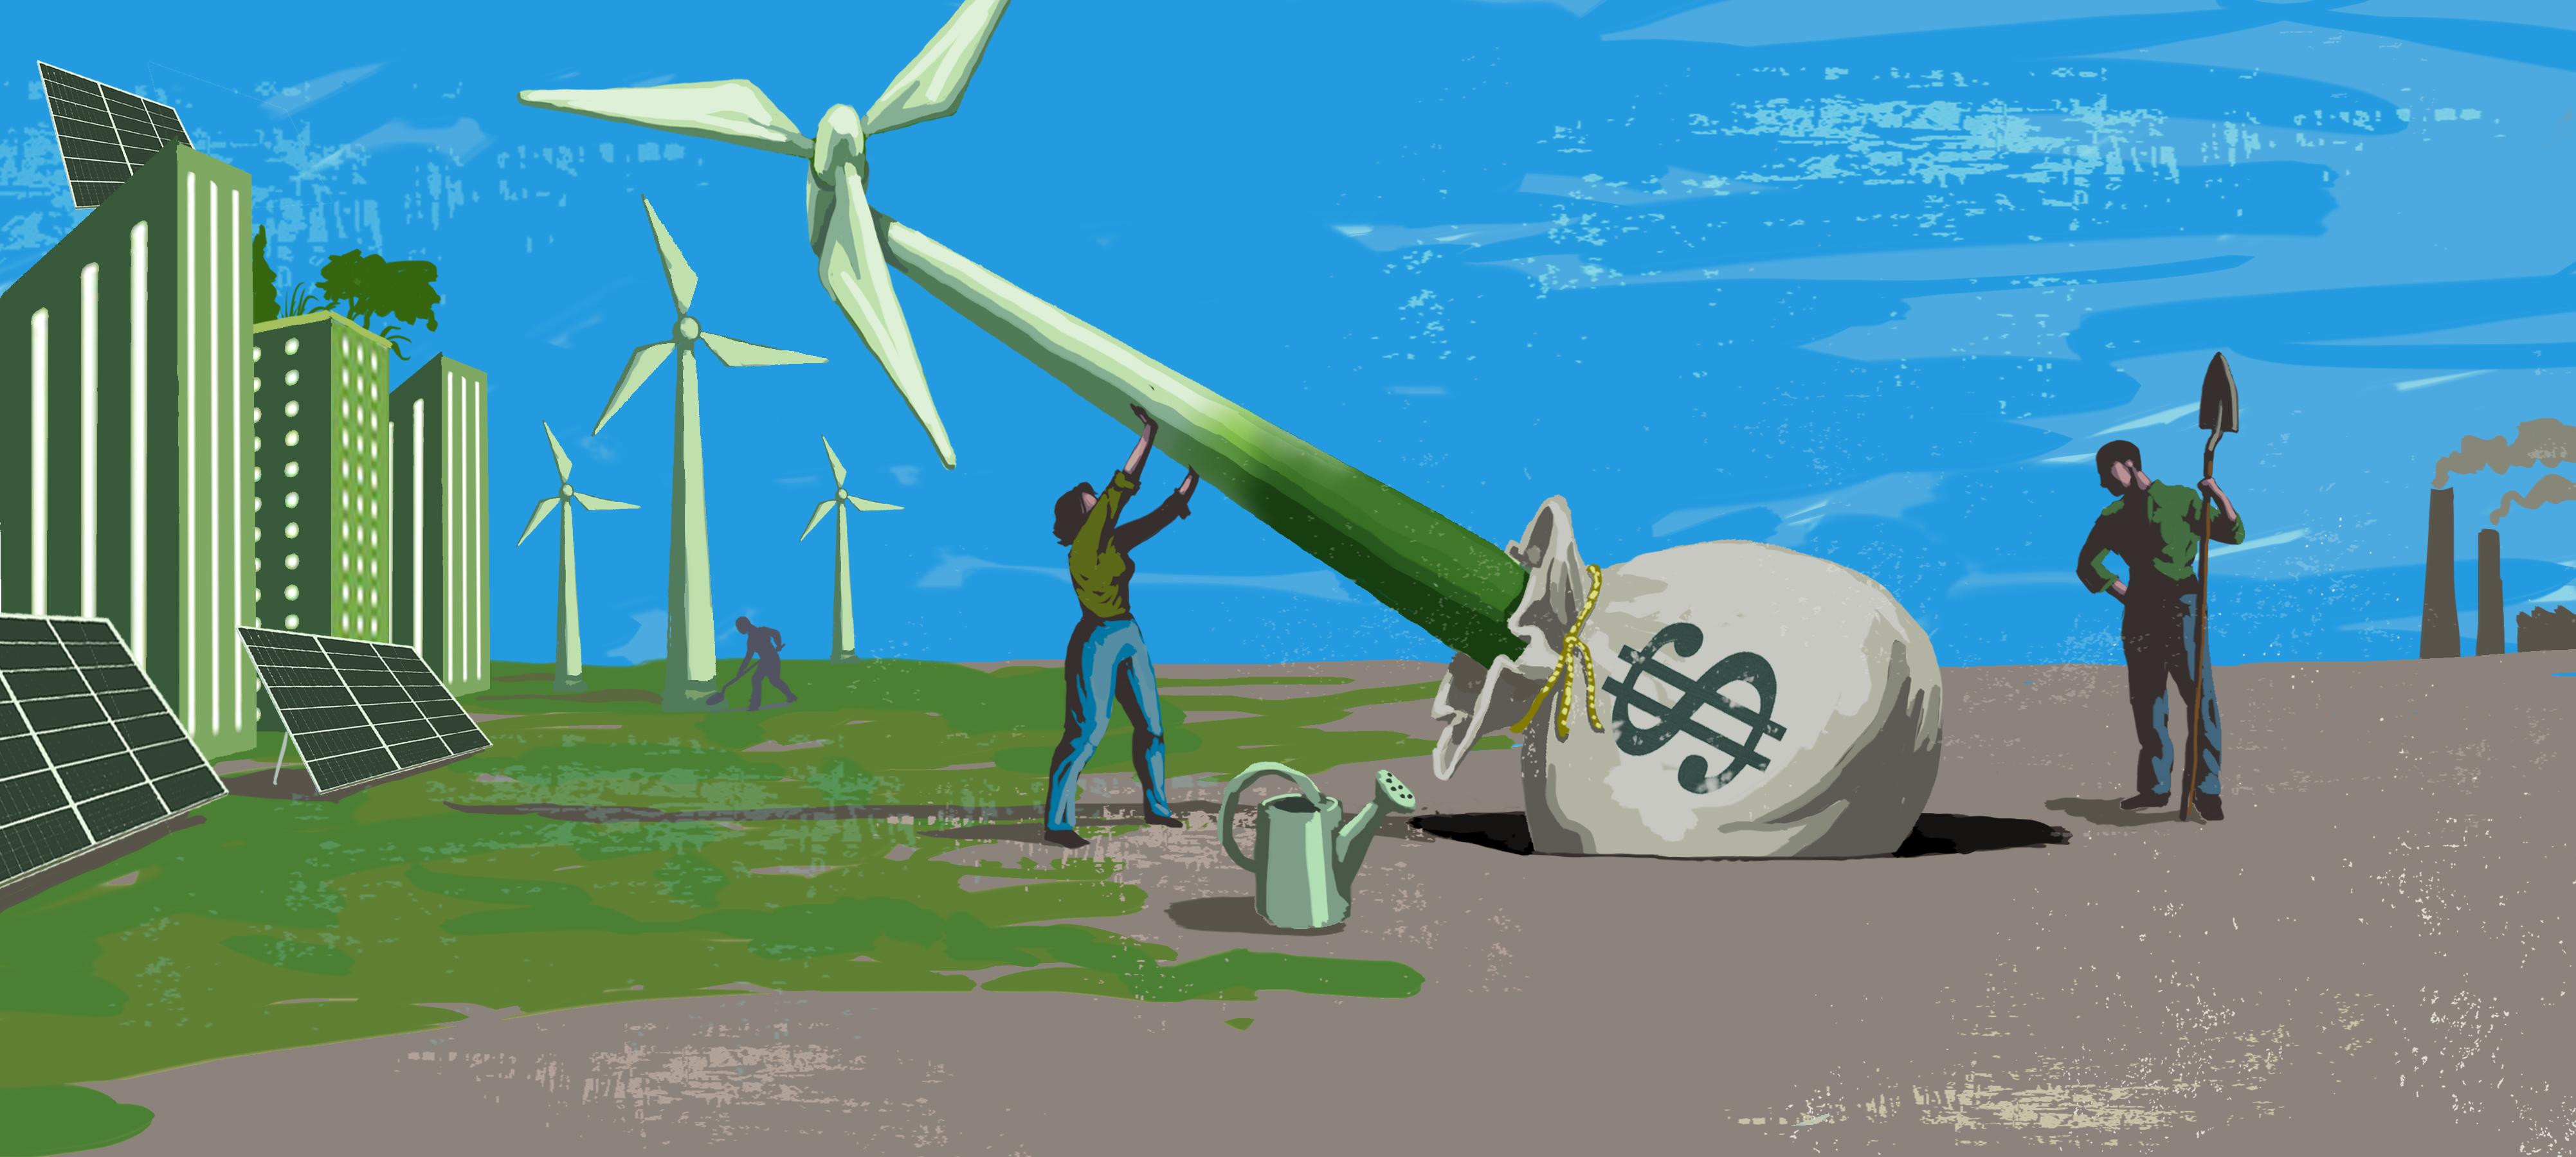 https://ekaenlinea.com/wp-content/uploads/2018/03/green_bonds_art.jpg